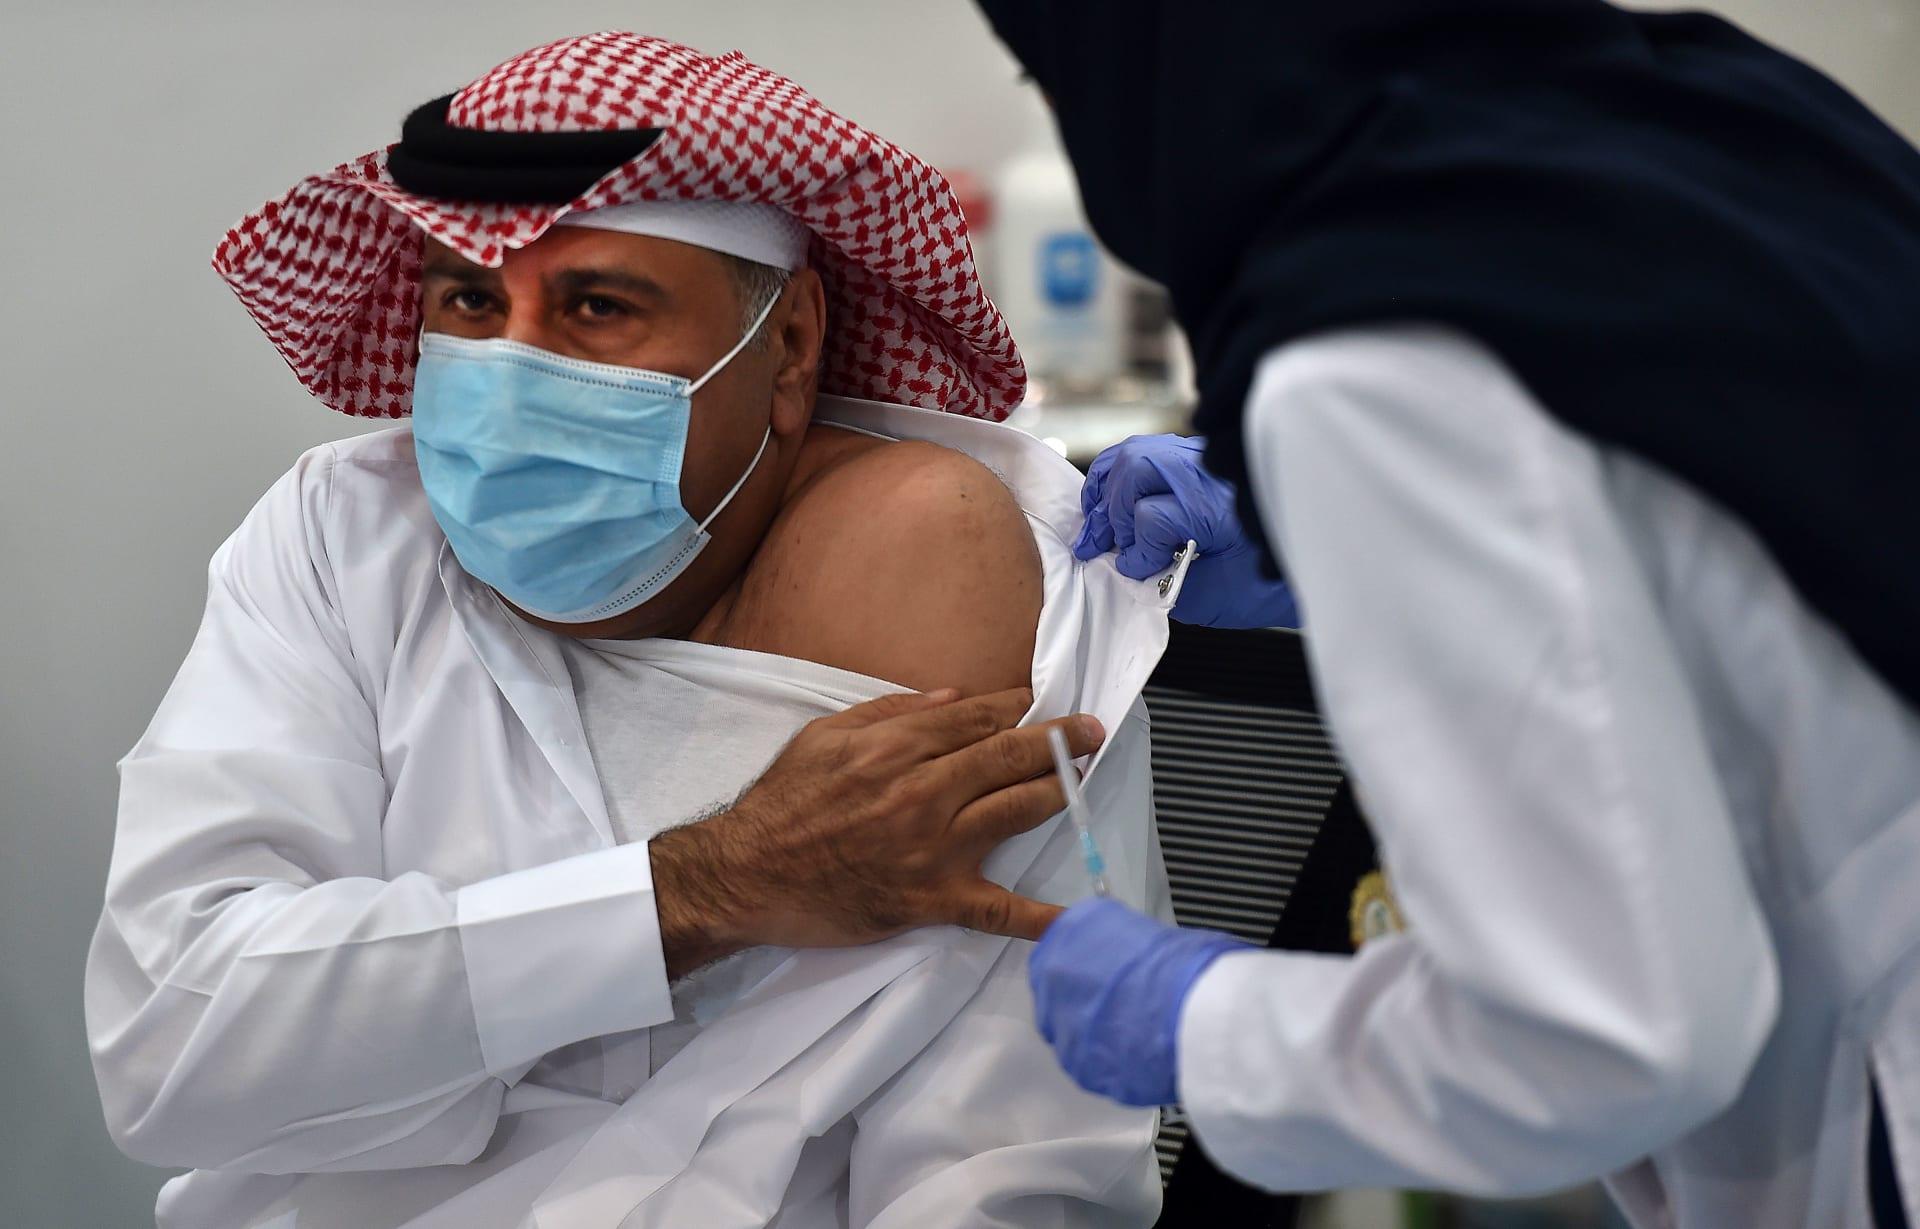 """السعودية تشترط """"التحصين"""" ضد فيروس كورونا للدخول إلى المنشآت واستخدام وسائل النقل"""